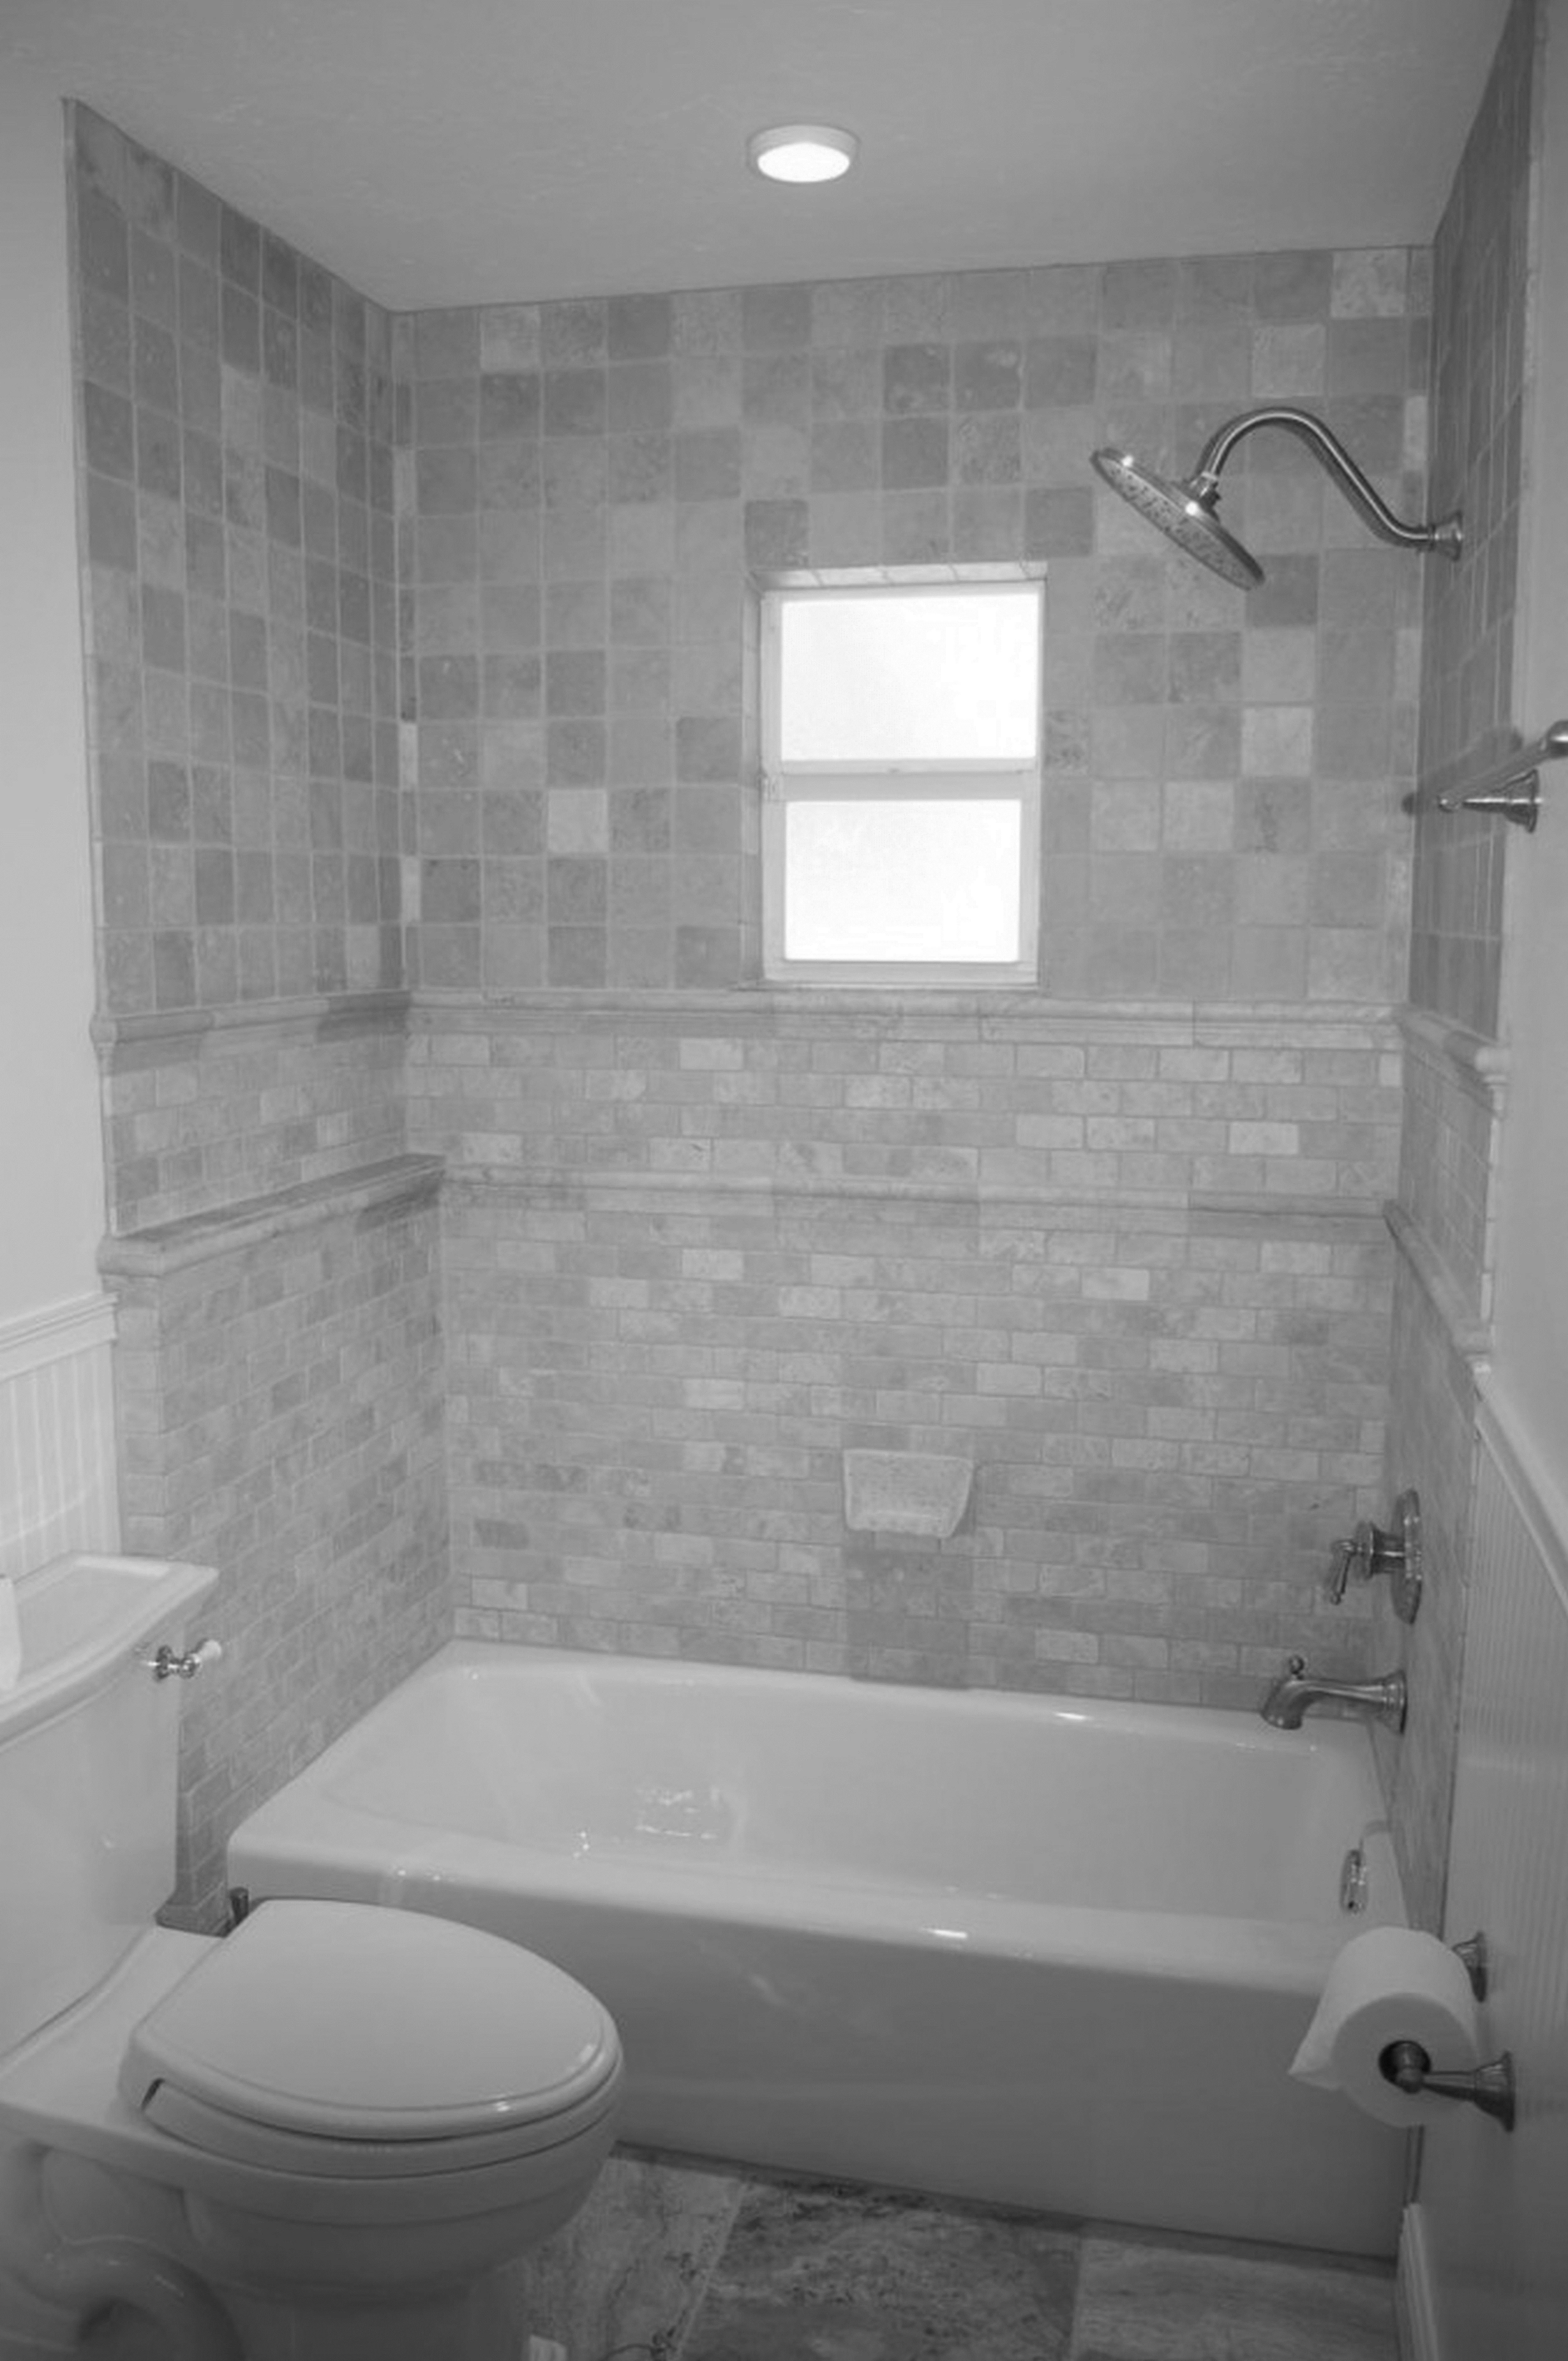 small narrow bathroom ideas. Bathroom Small Narrow Ideas With Tub And Shower Subway Tile Pics Photos Bathtub Design Floor T